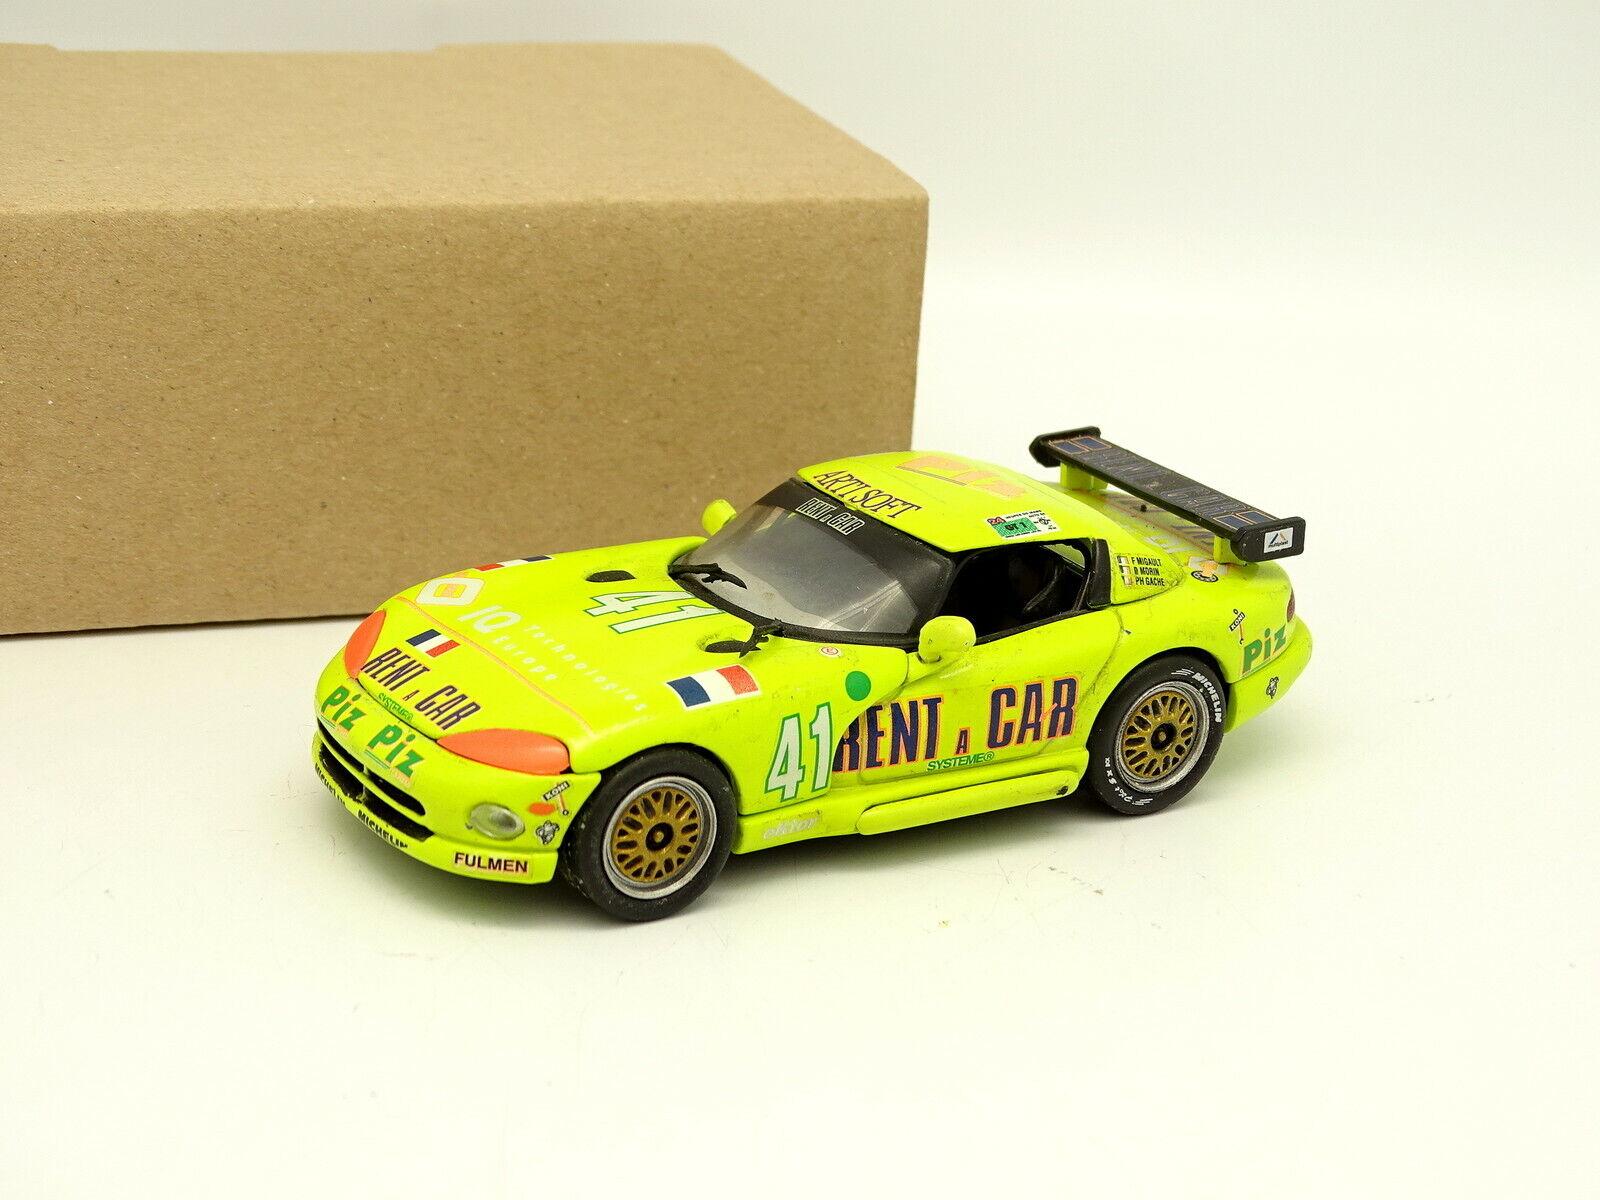 Universal Hobbies Uh Sb 1 43 - - - Dodge Viper Rent A Car Nr. 41 Le Mans 1994 b3c5ba